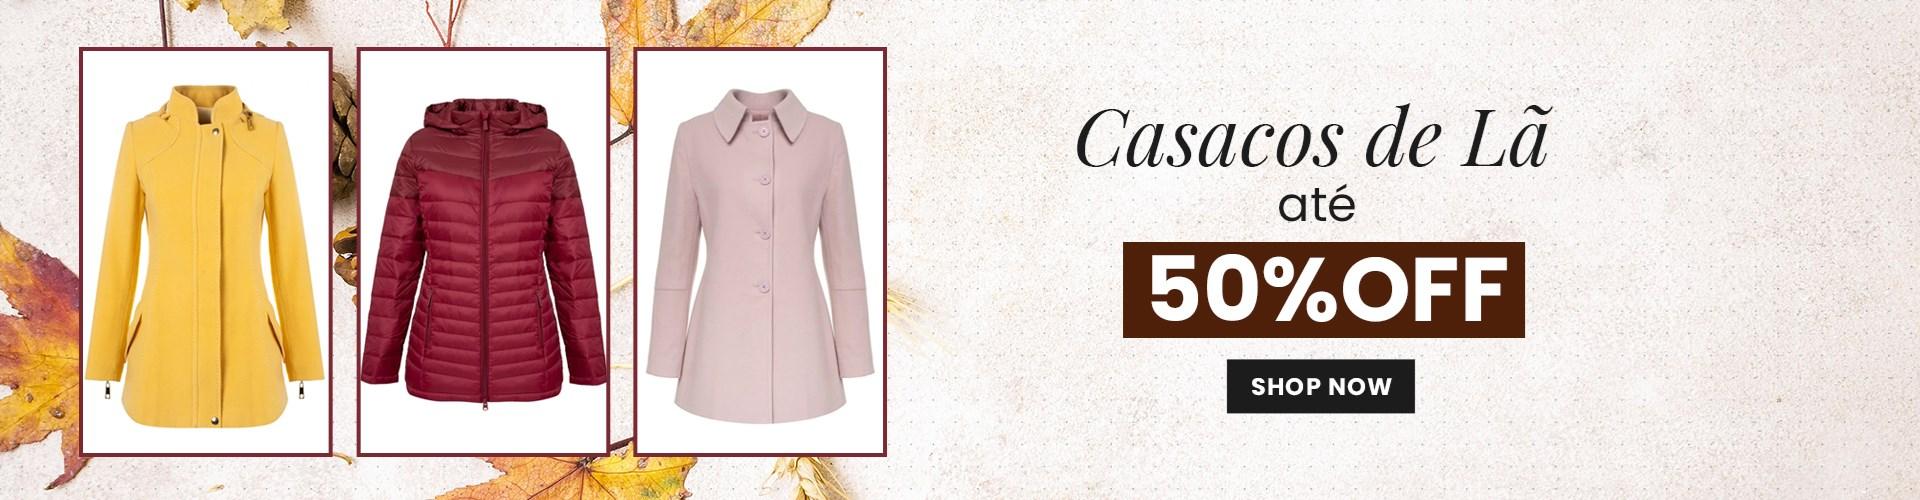 Casacos 50% OFF